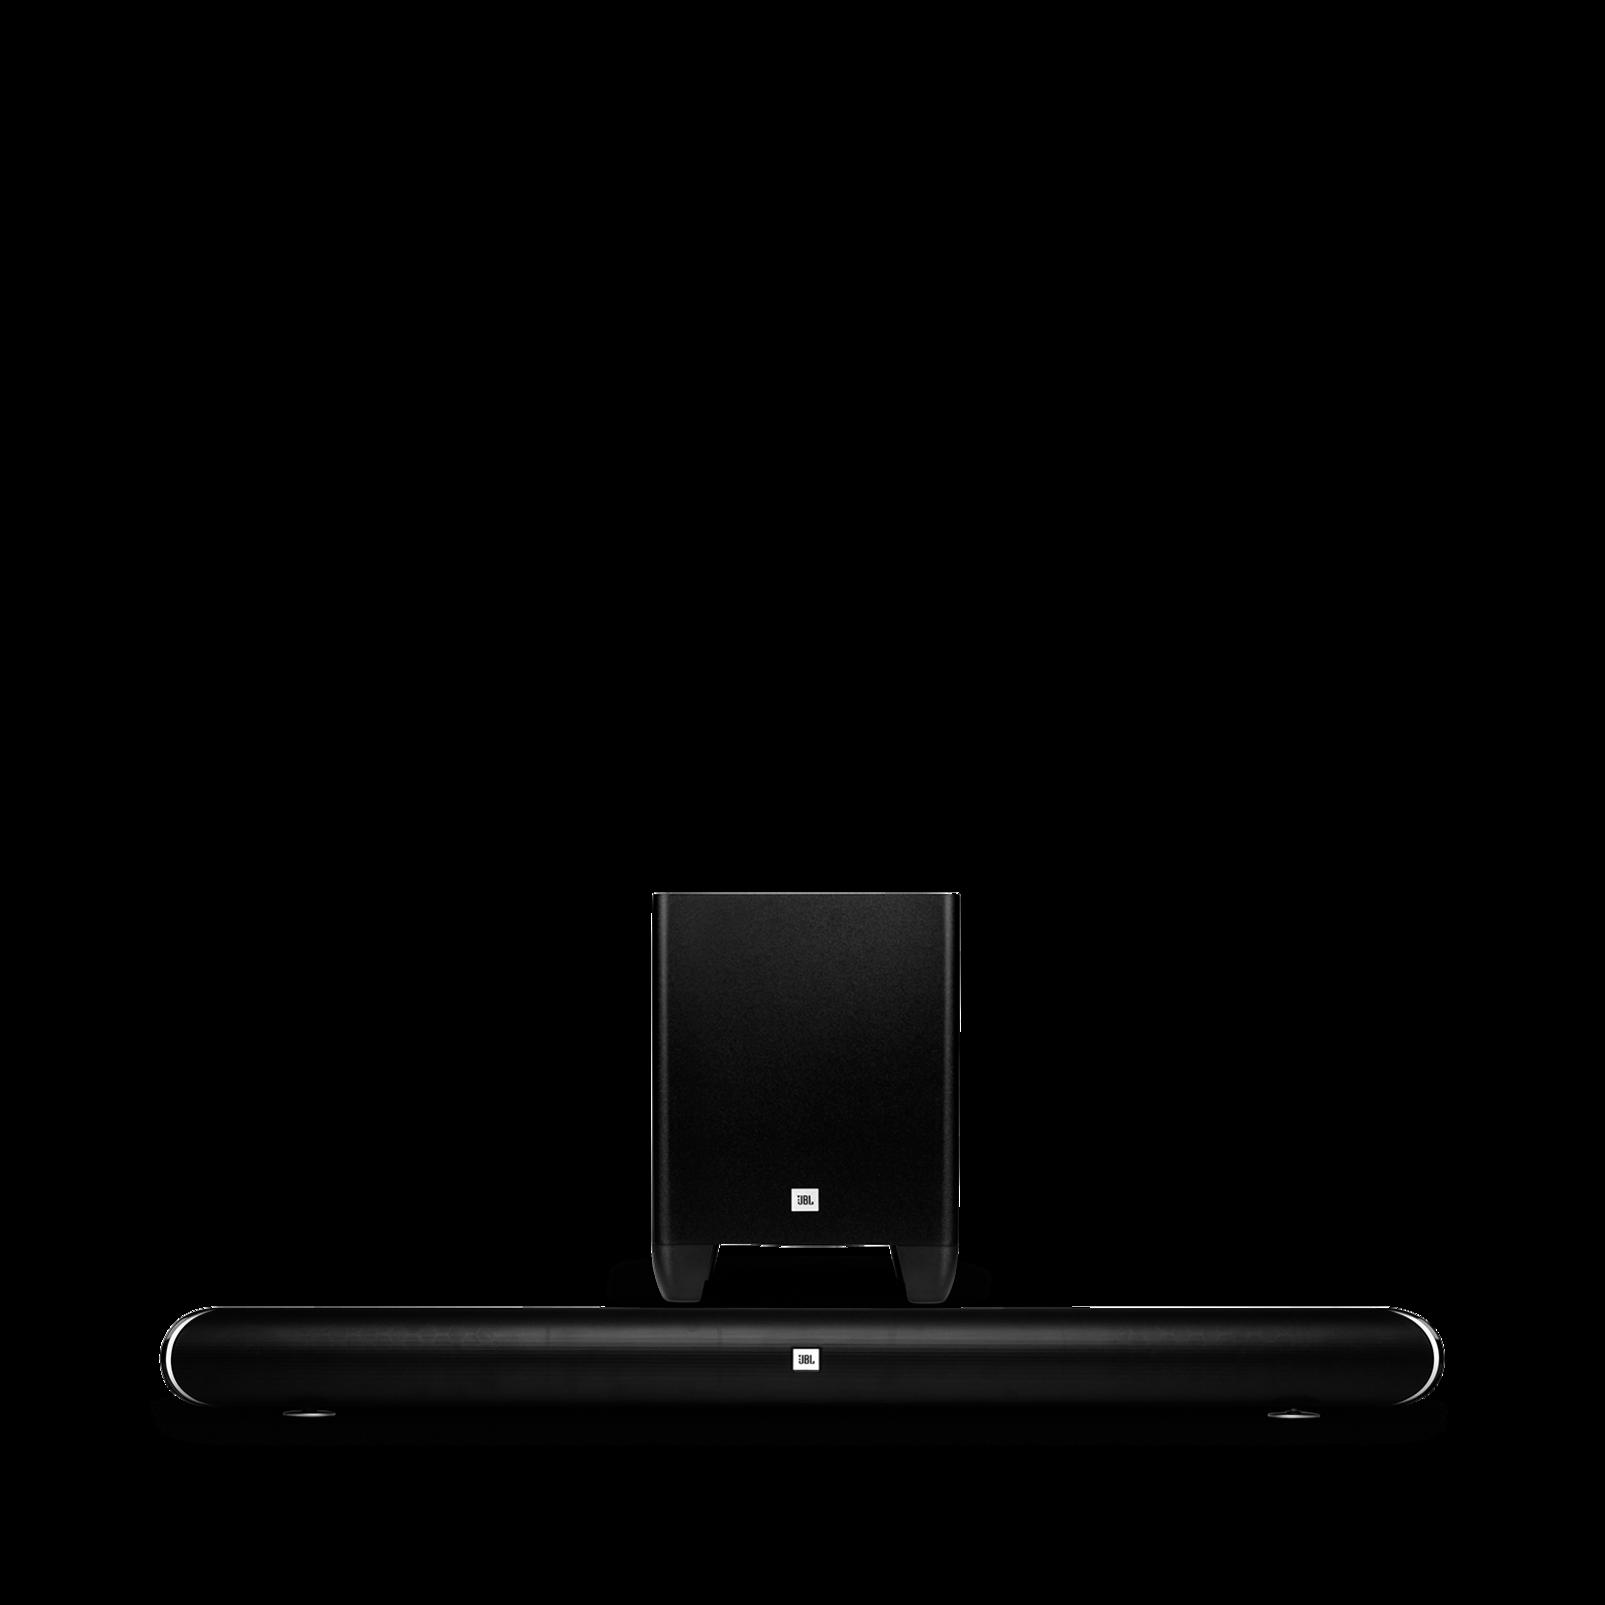 cinema sb350 barre de son home cinema de 320w avec caisson de basses sans fil surround. Black Bedroom Furniture Sets. Home Design Ideas